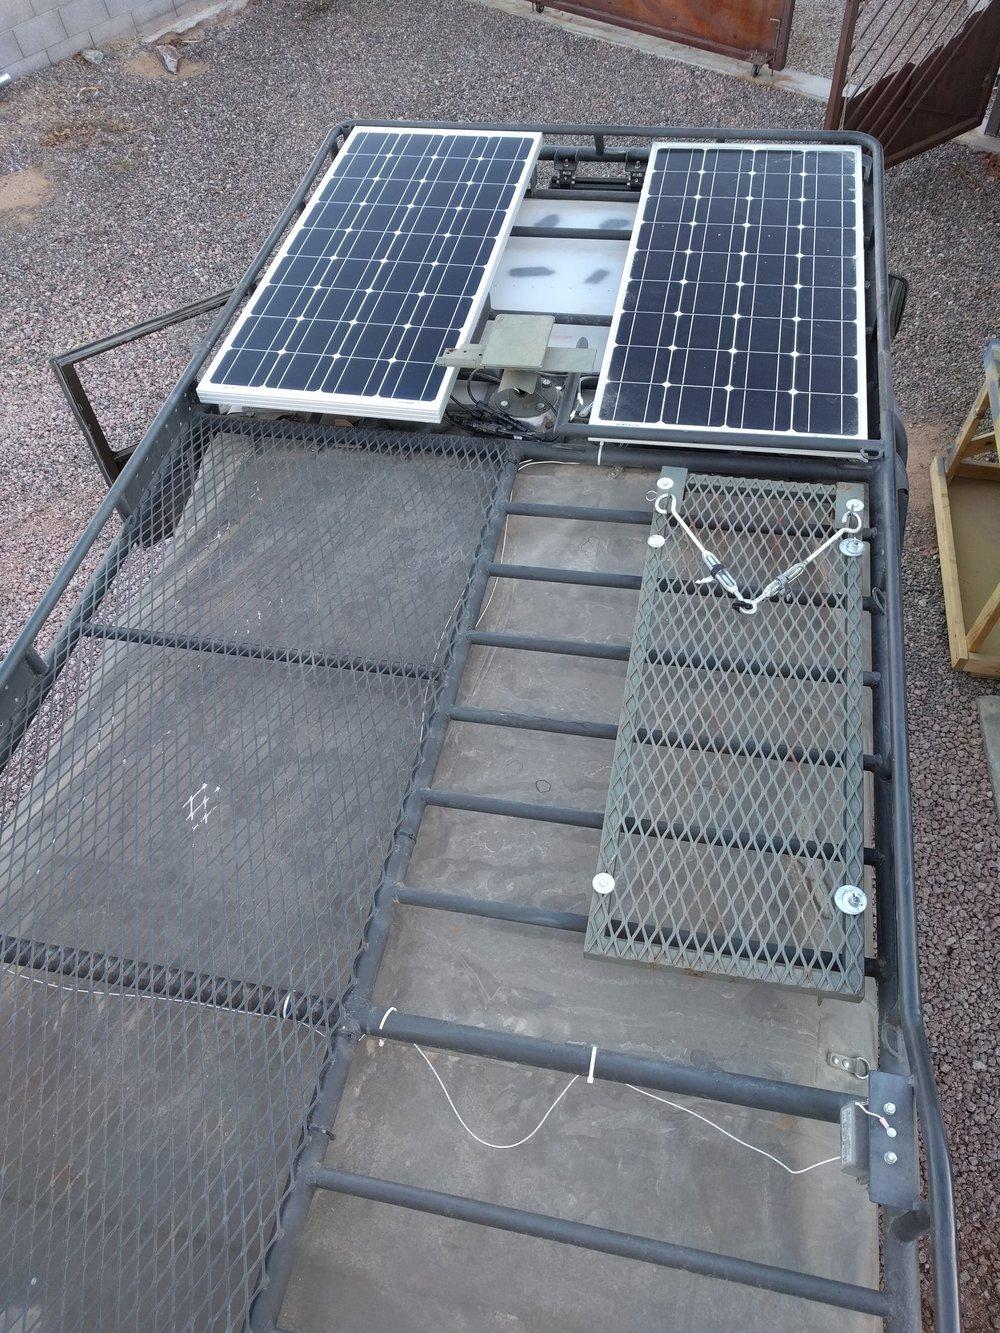 Top of roof rack showing 2-100watt solar panels.